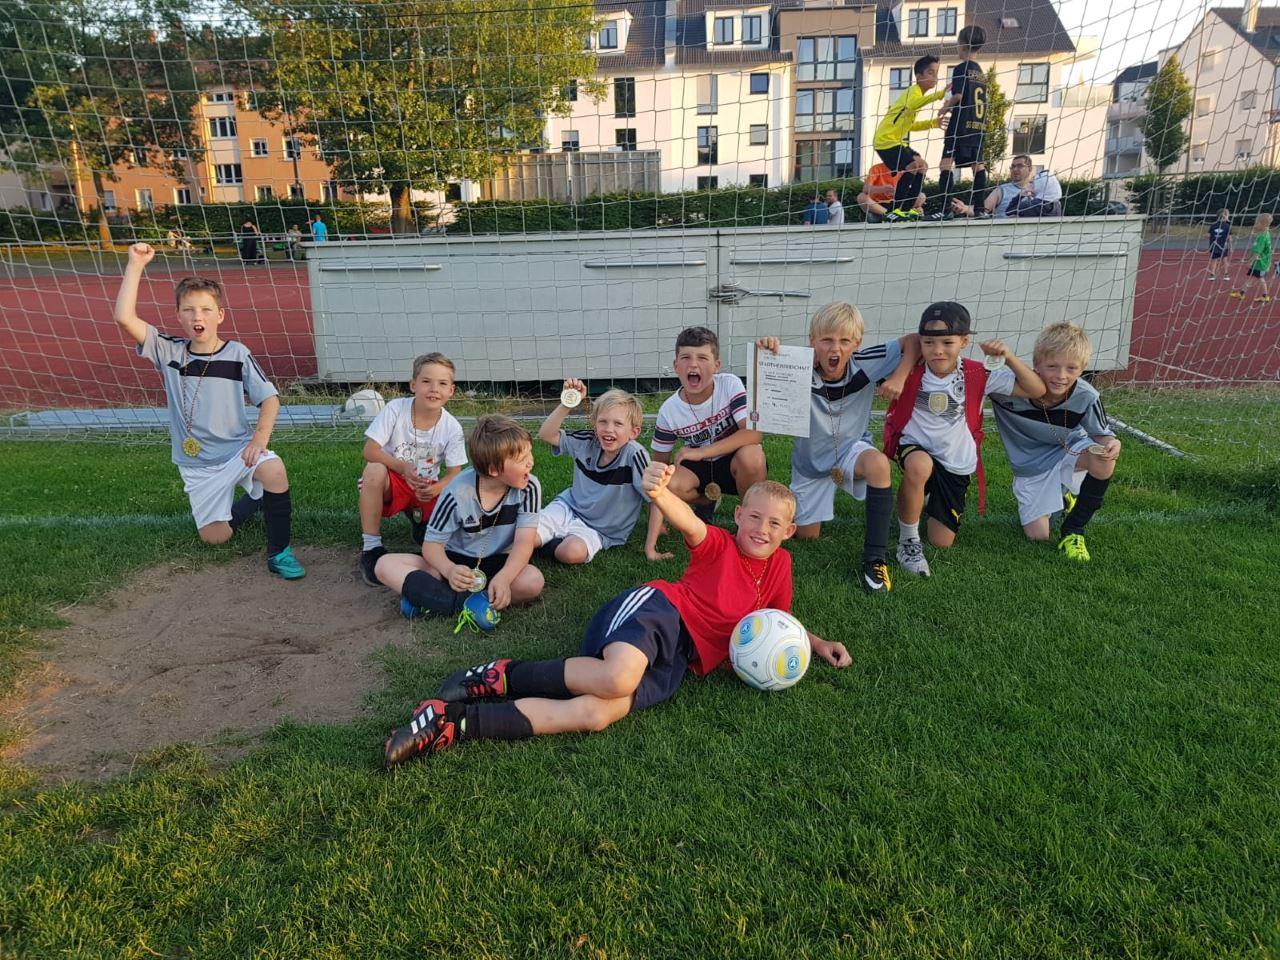 TV Schweinheim Fußball - Stadtmeisterschaft der Junioren 2018